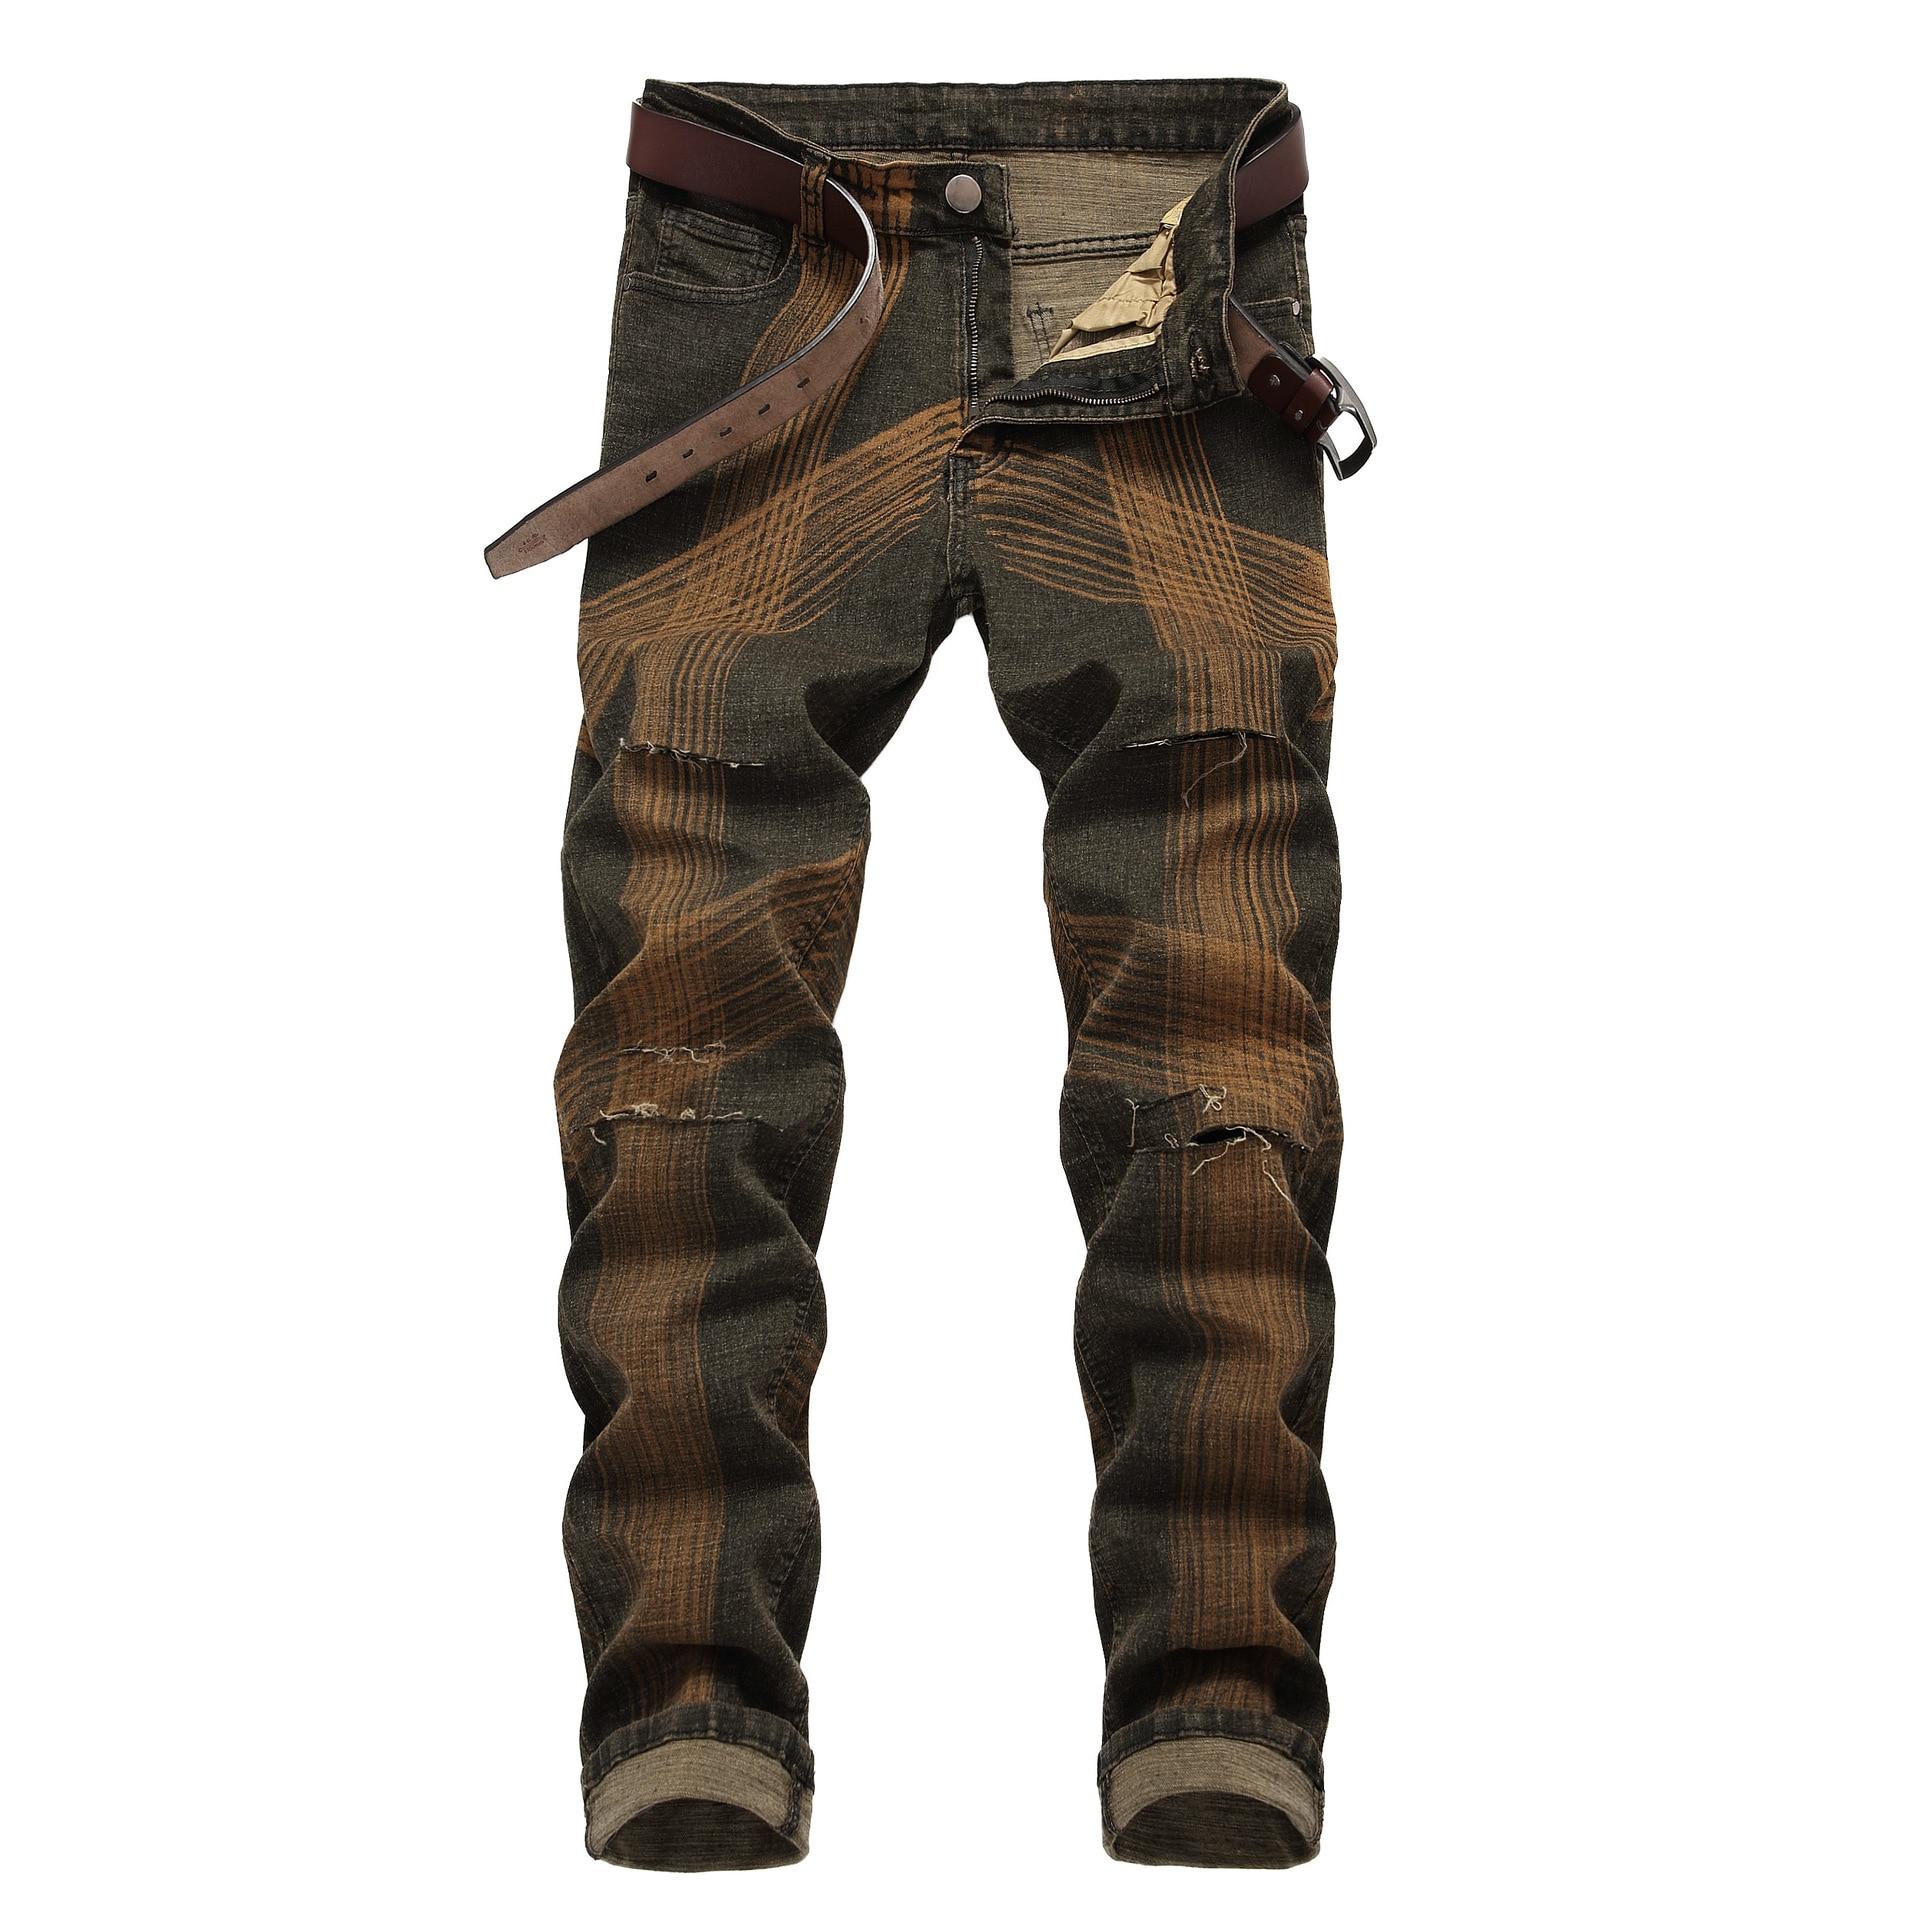 42 b c Pantalon e Grande Stretch A Denim Masculina Casual Slim Automne Jean f Male Jeans Droite De Taille Hot Long Hommes d Homme Fit gwp4qRnZ